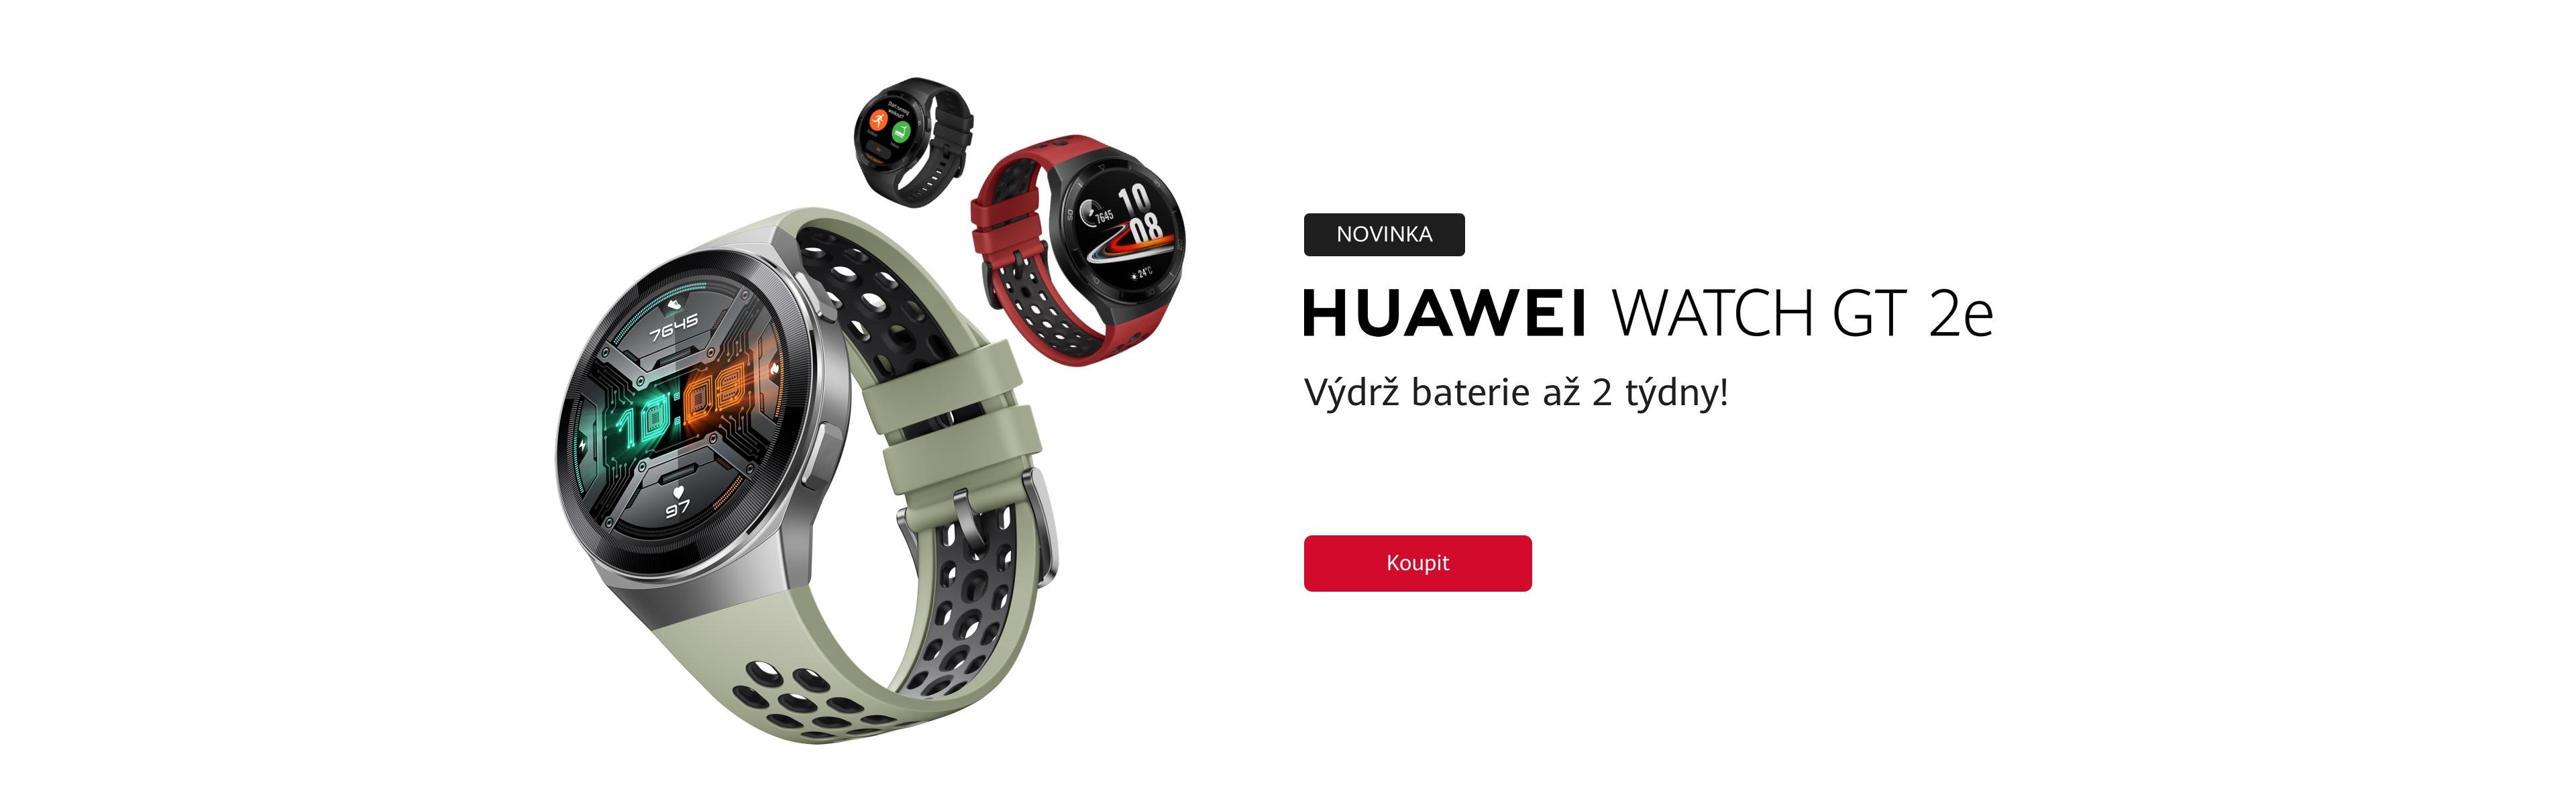 watch-gt-2e